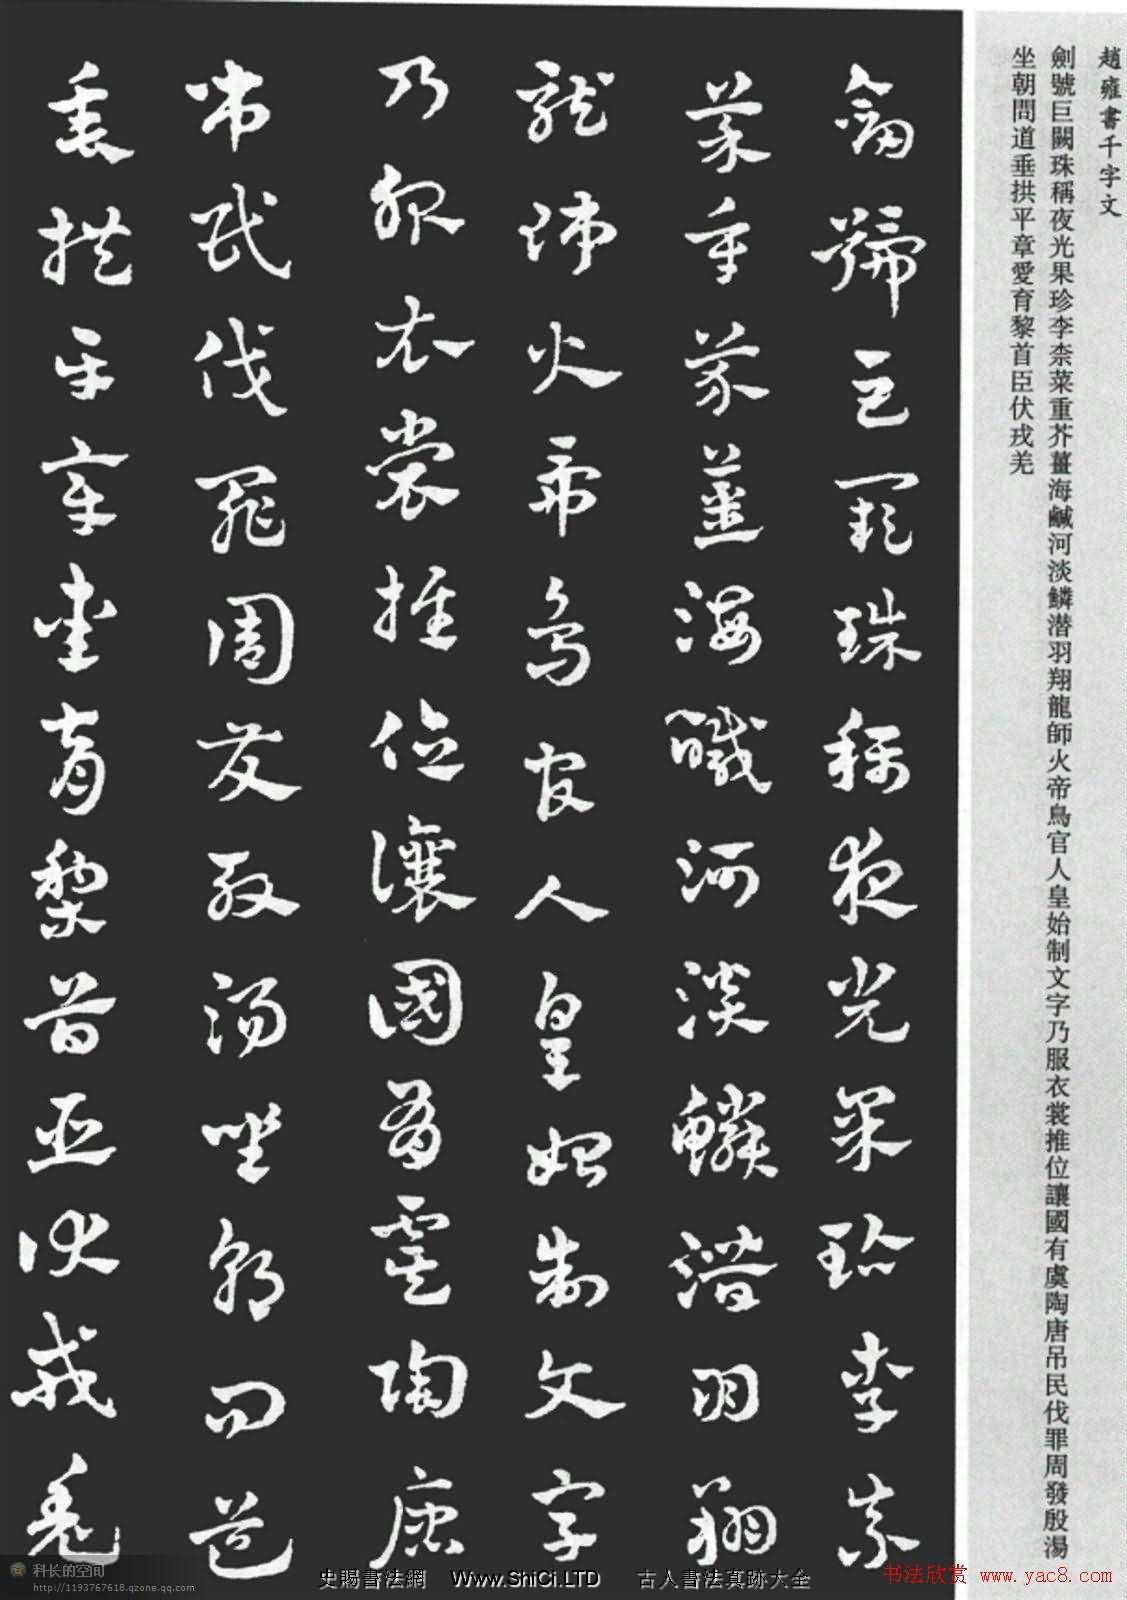 趙雍書法《章草千字文》大圖欣賞